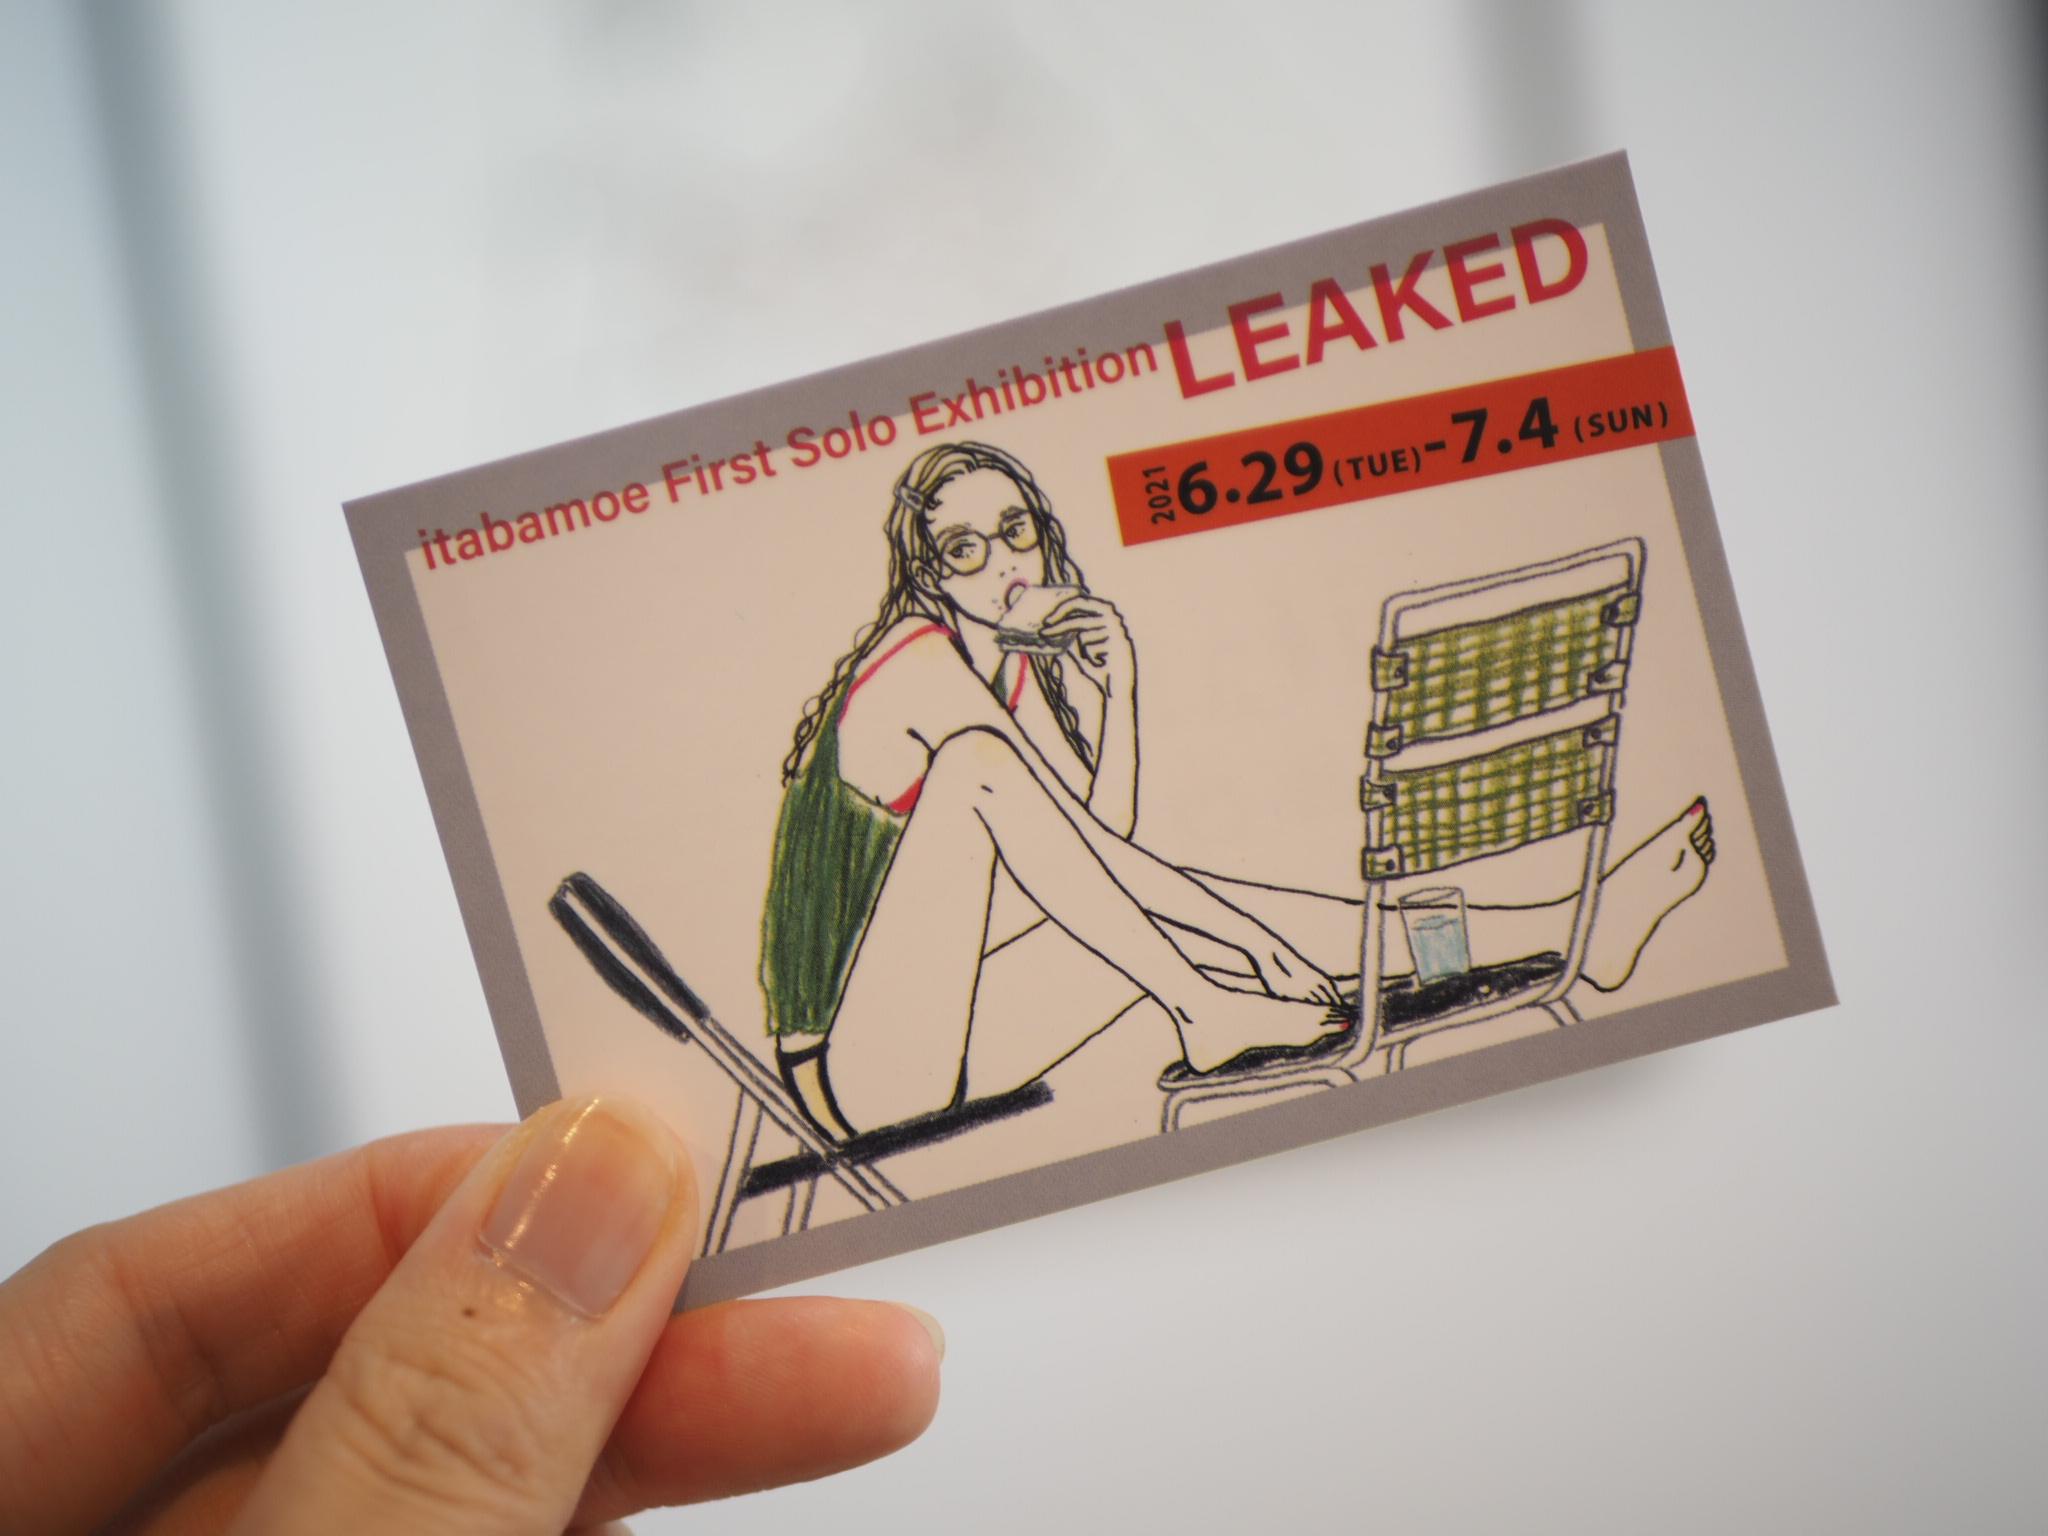 人気イラストレーター【itabamoeさん】初の個展にお邪魔してきました✐⿻*_11